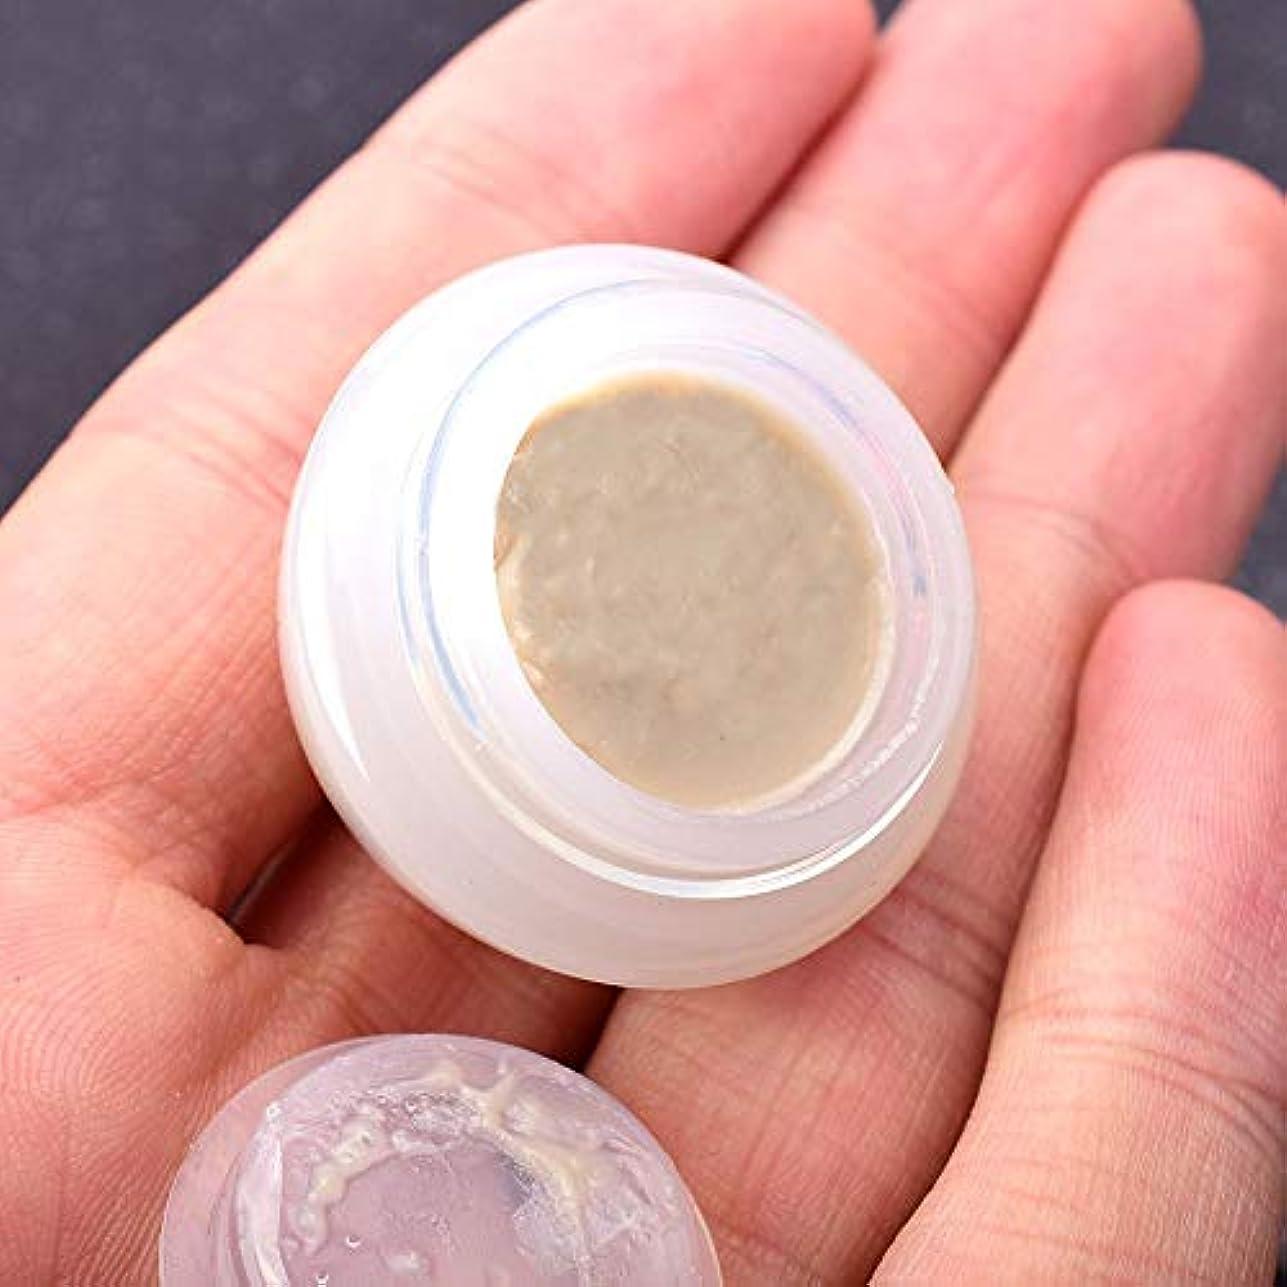 孤児弁護士皿ビタミンおよび美容スキンケアアンチエイジングの小麦胚芽油天然成分